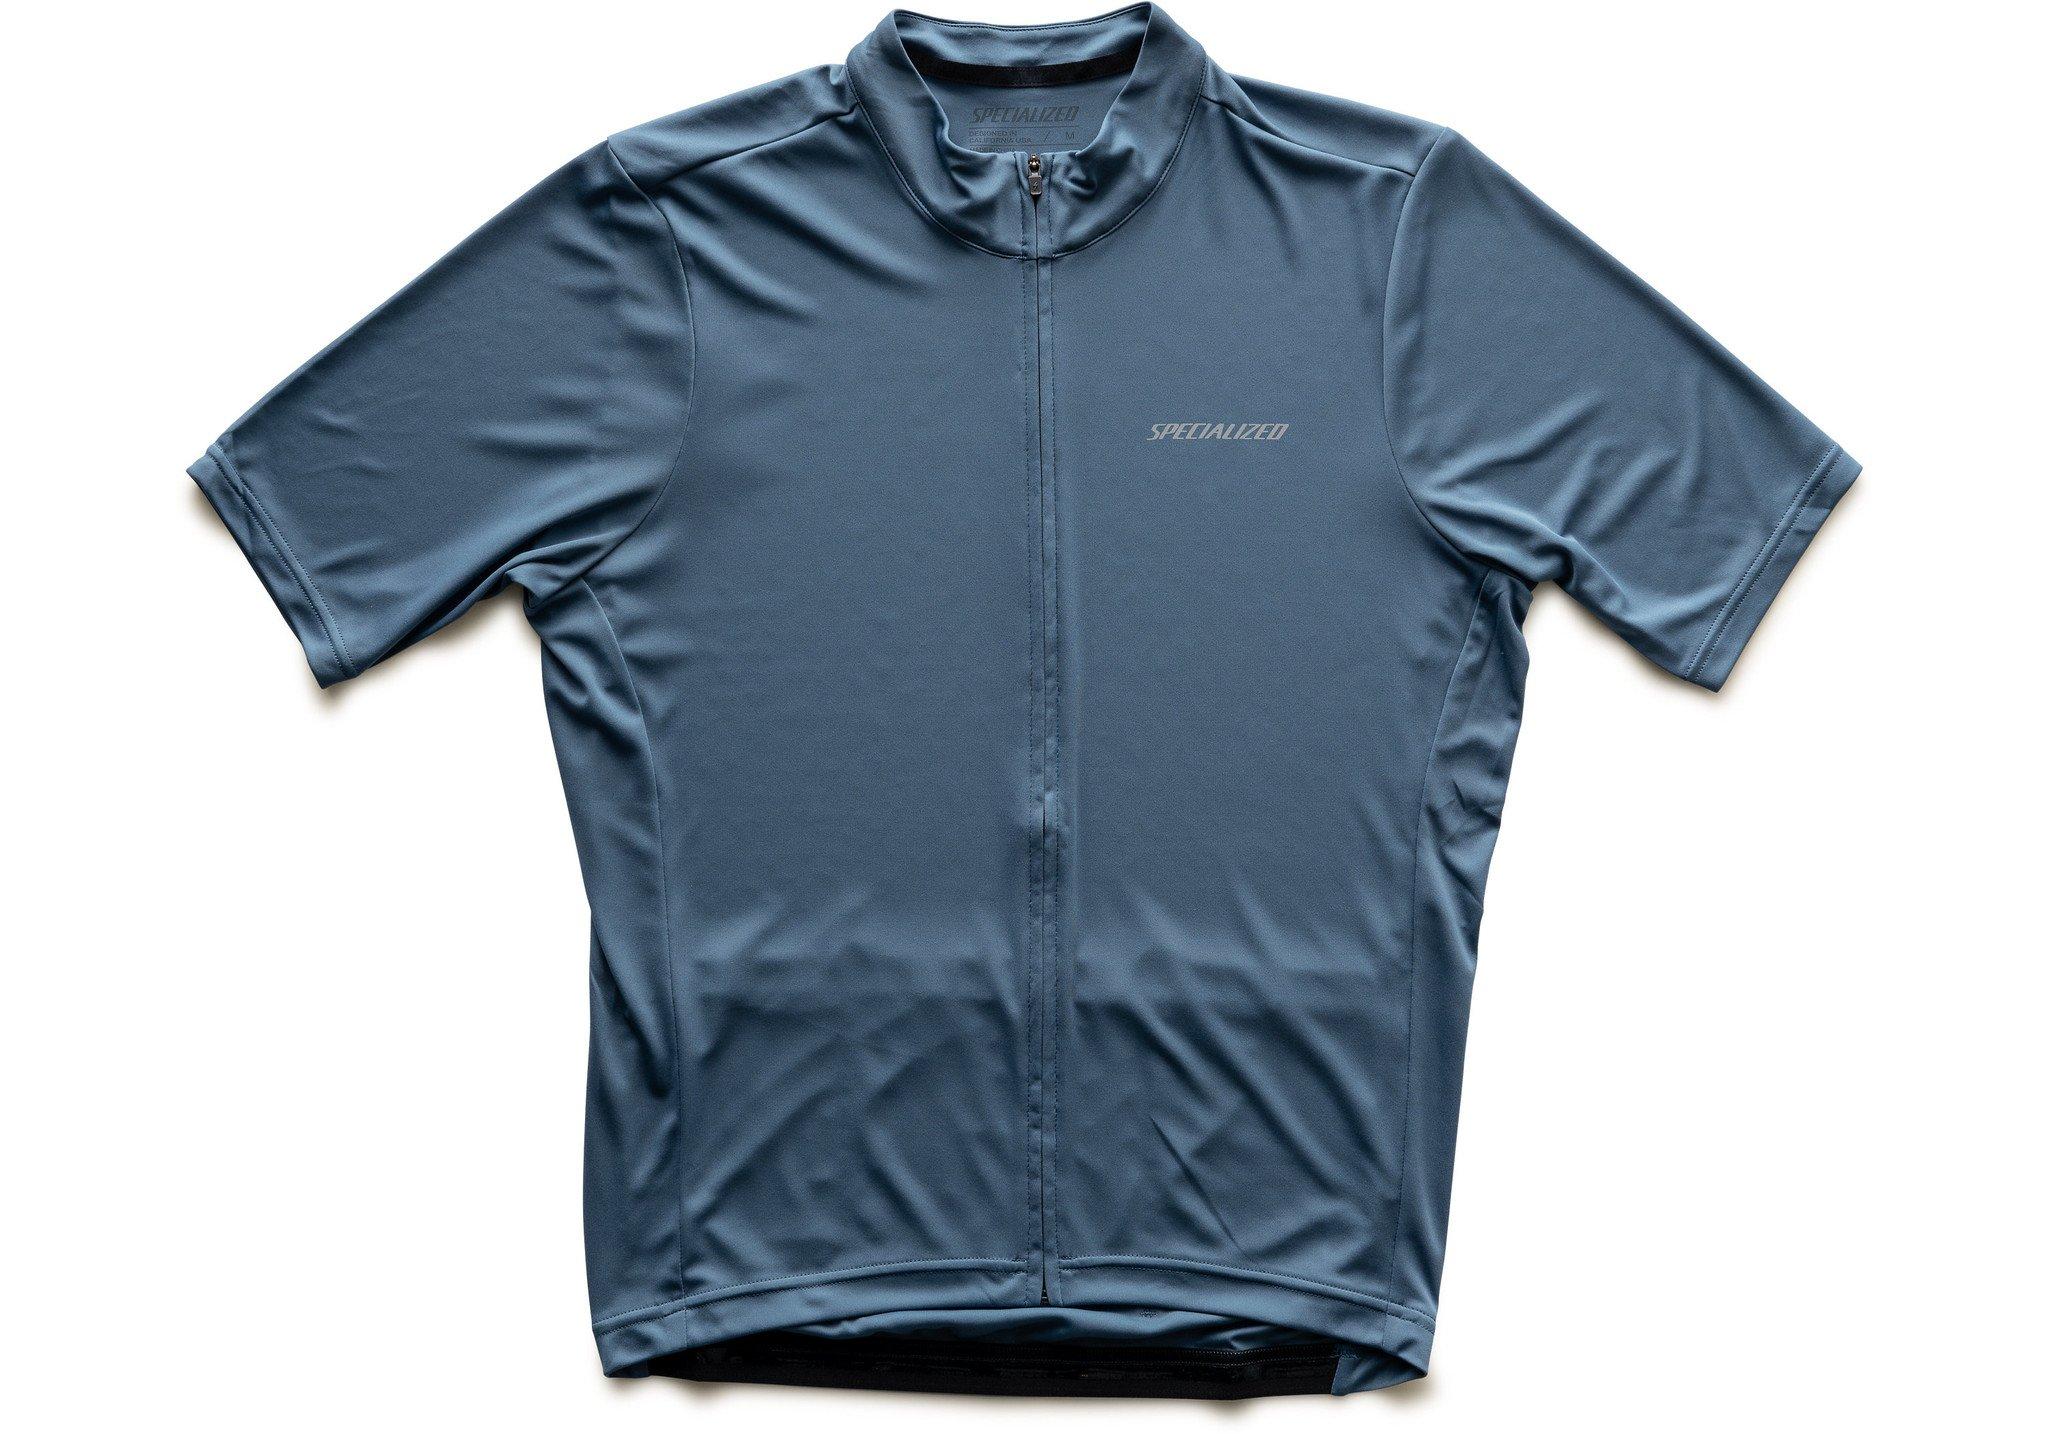 Specialized Specialized RBX Classic Jersey